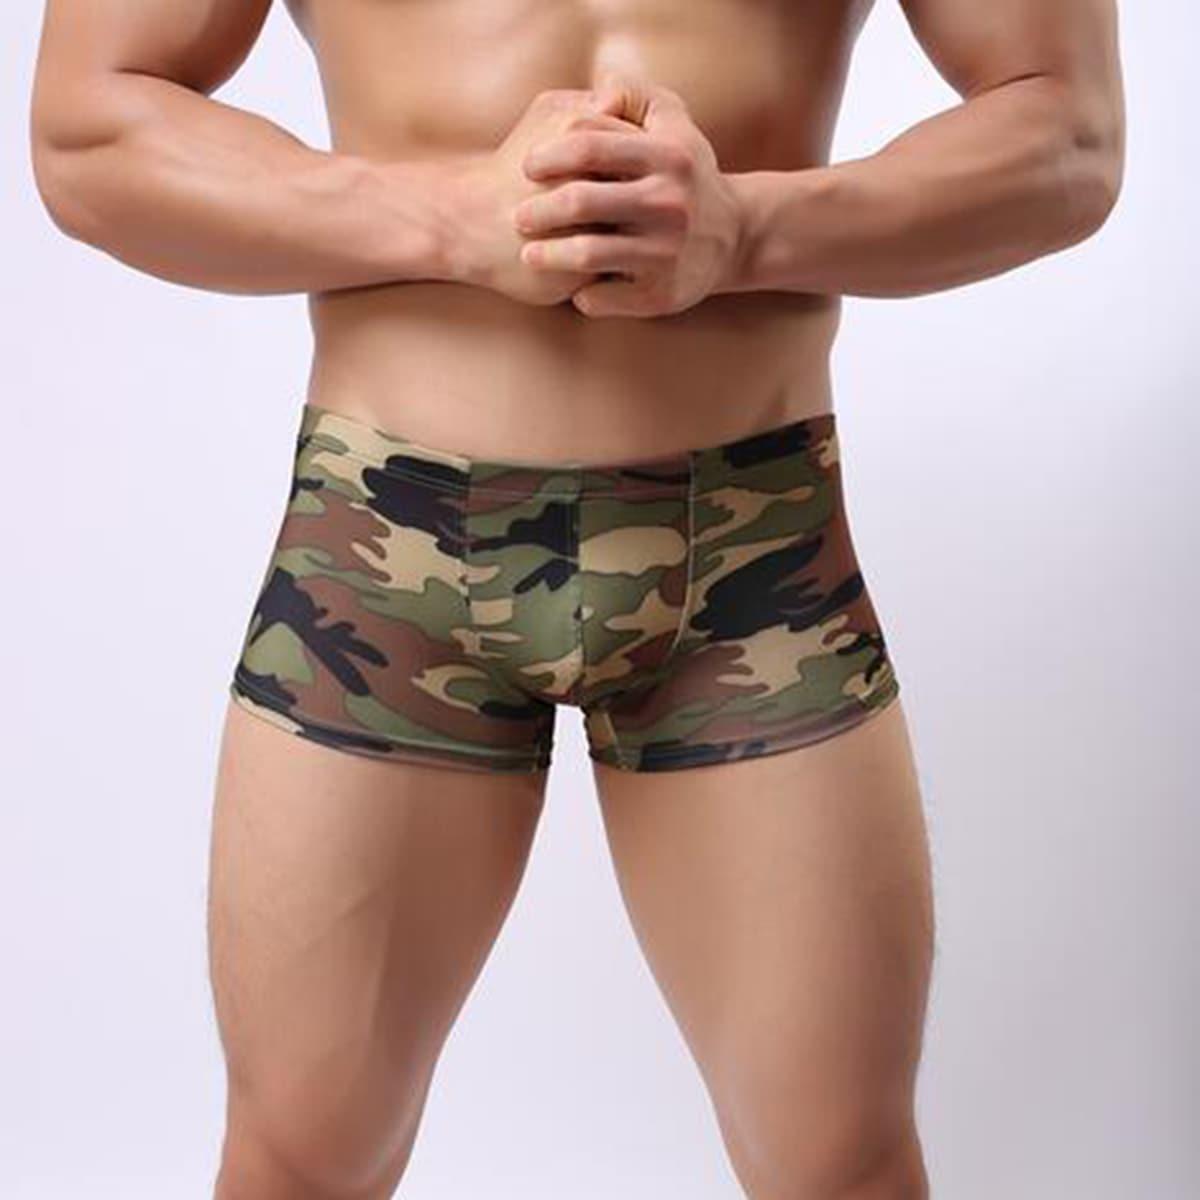 Камуфляж Повседневный Мужское нижнее белье